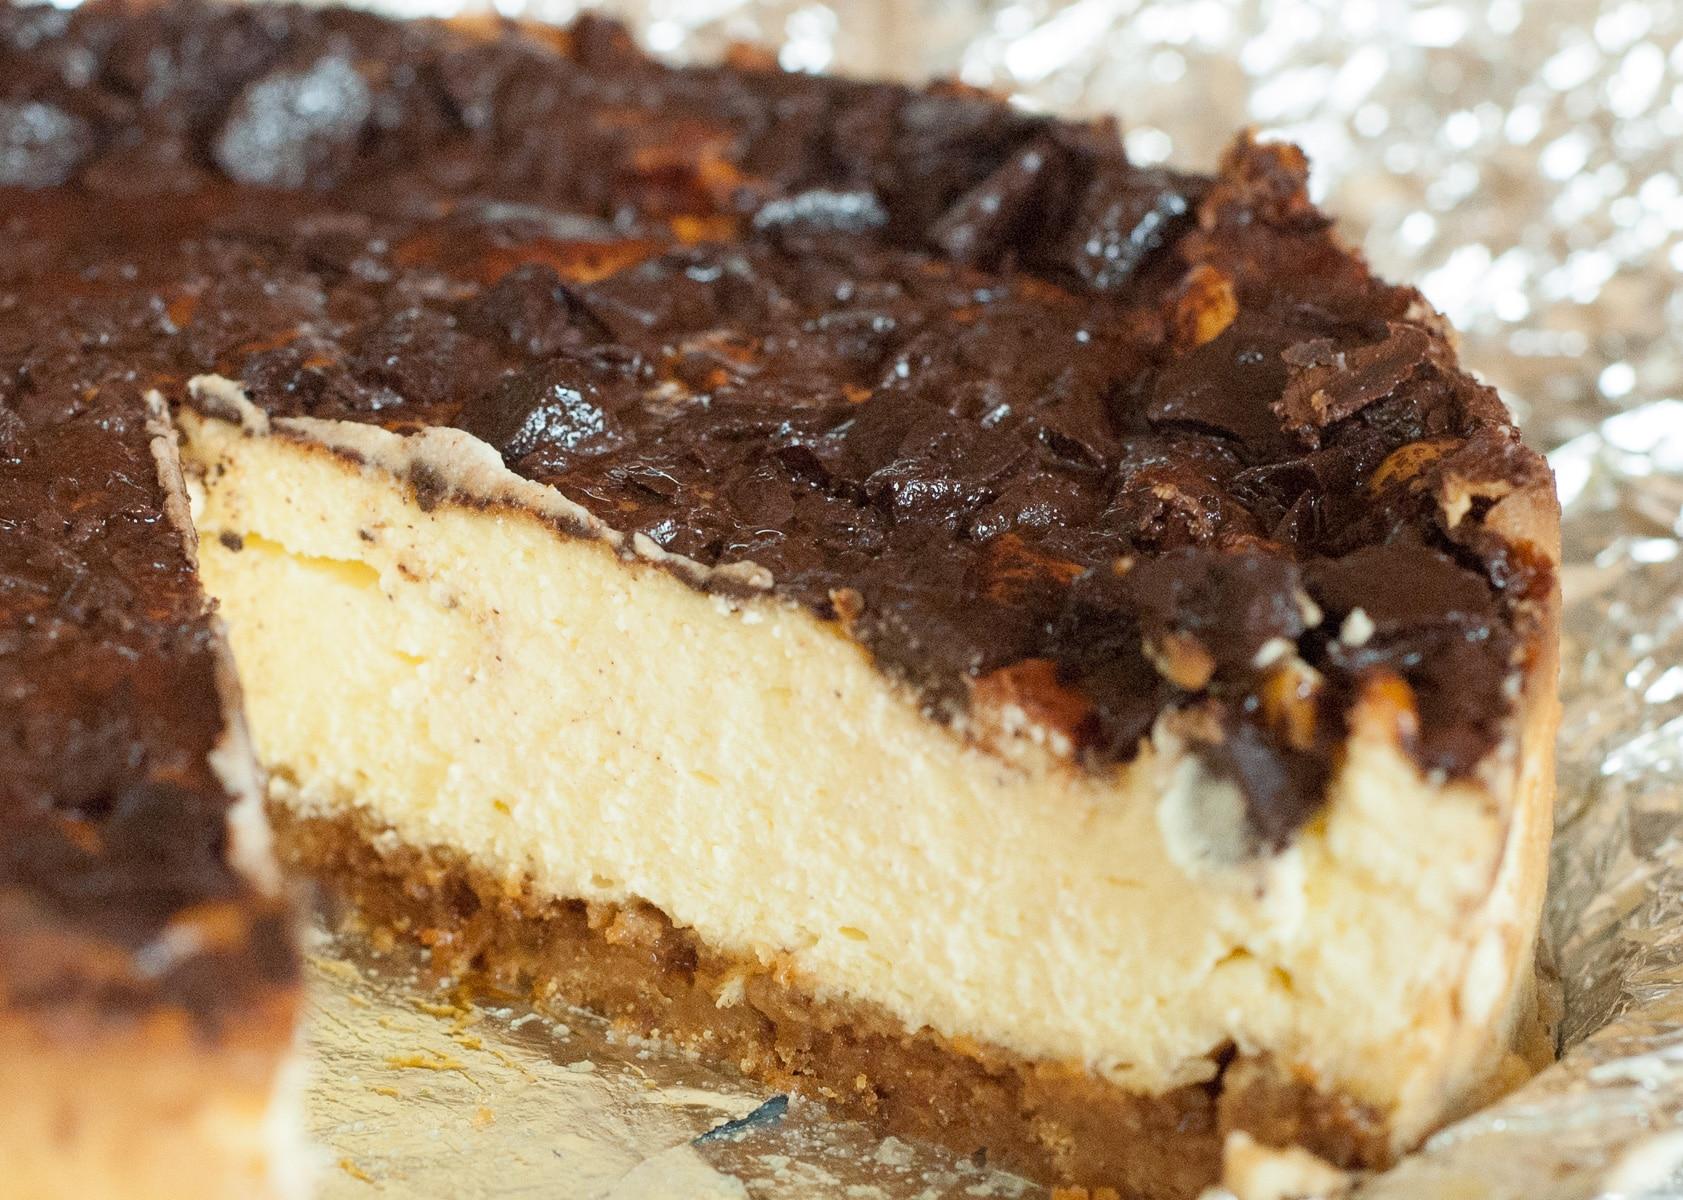 Sernik z nutką imbirową z czekolada na wierzchu